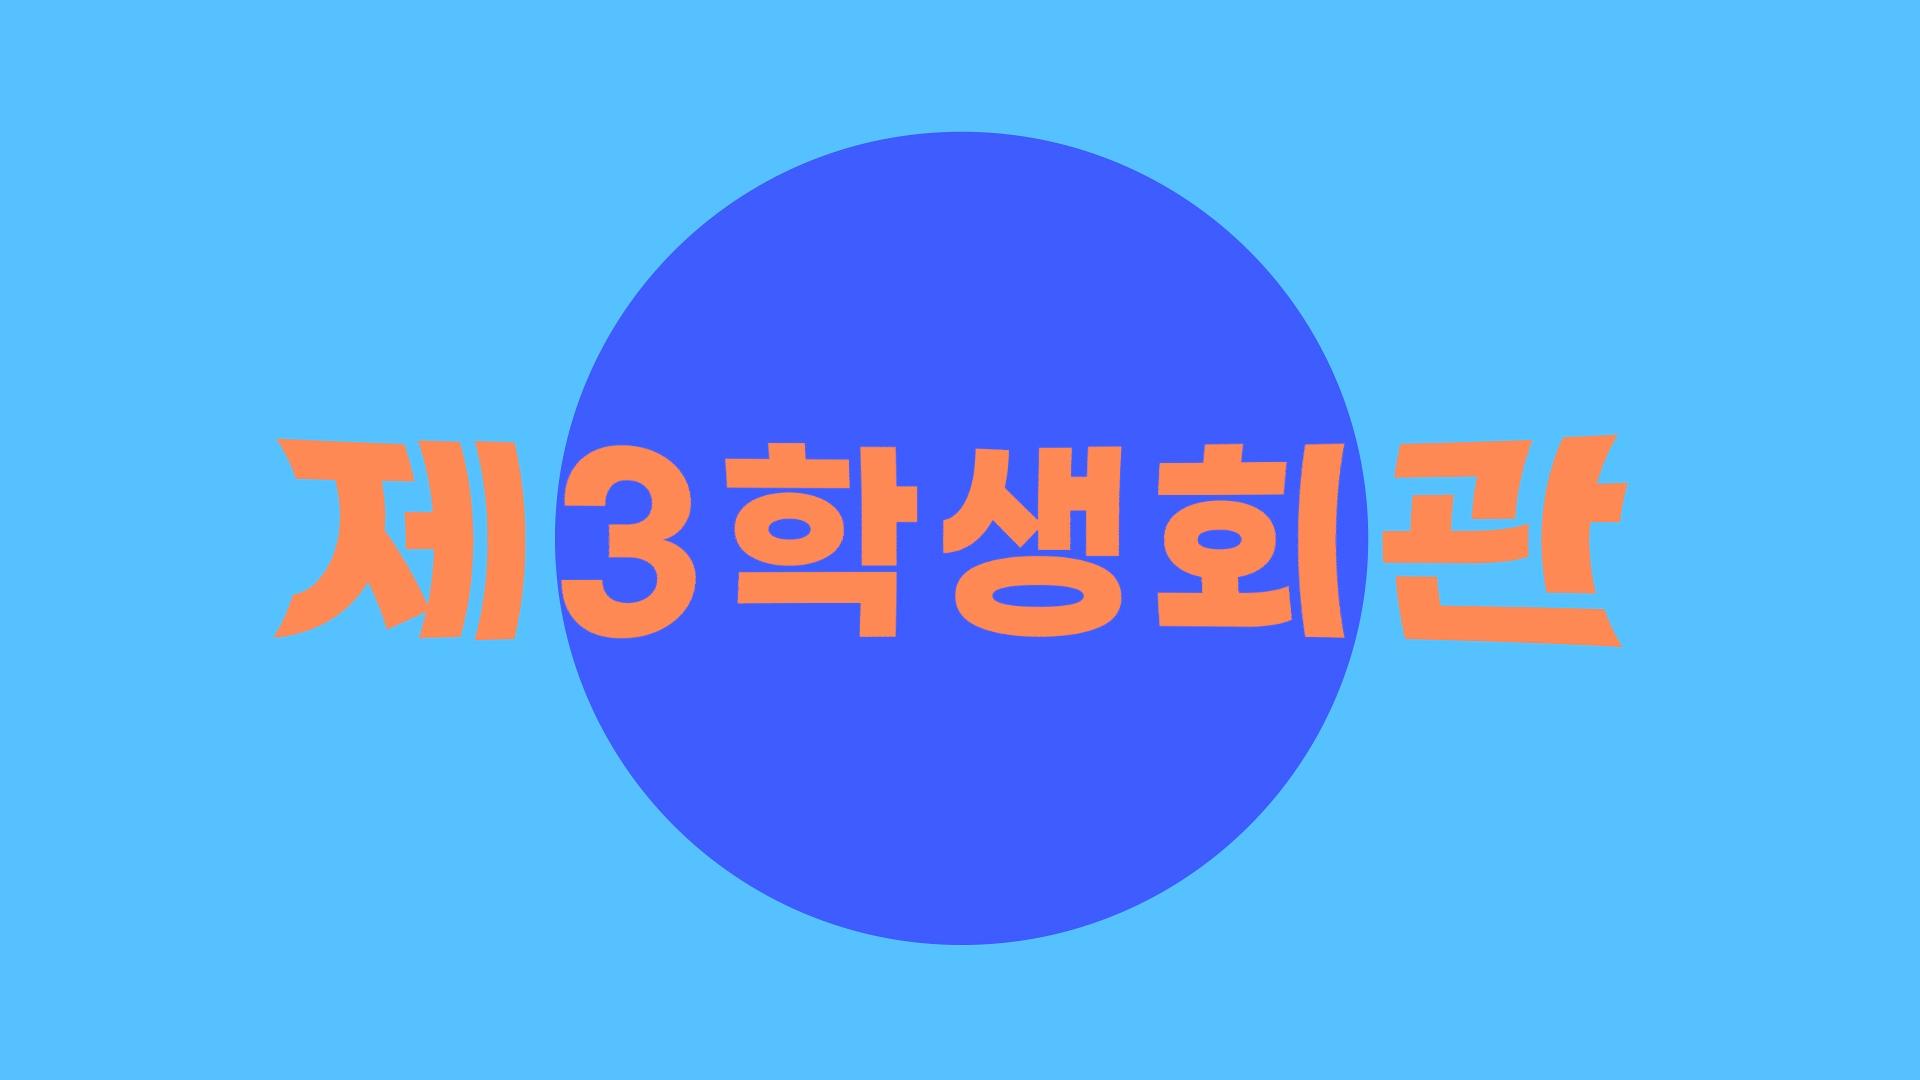 영상으로 보는 서울과기대 소식SeoulTech News 1, 2화제3학생회관 1화